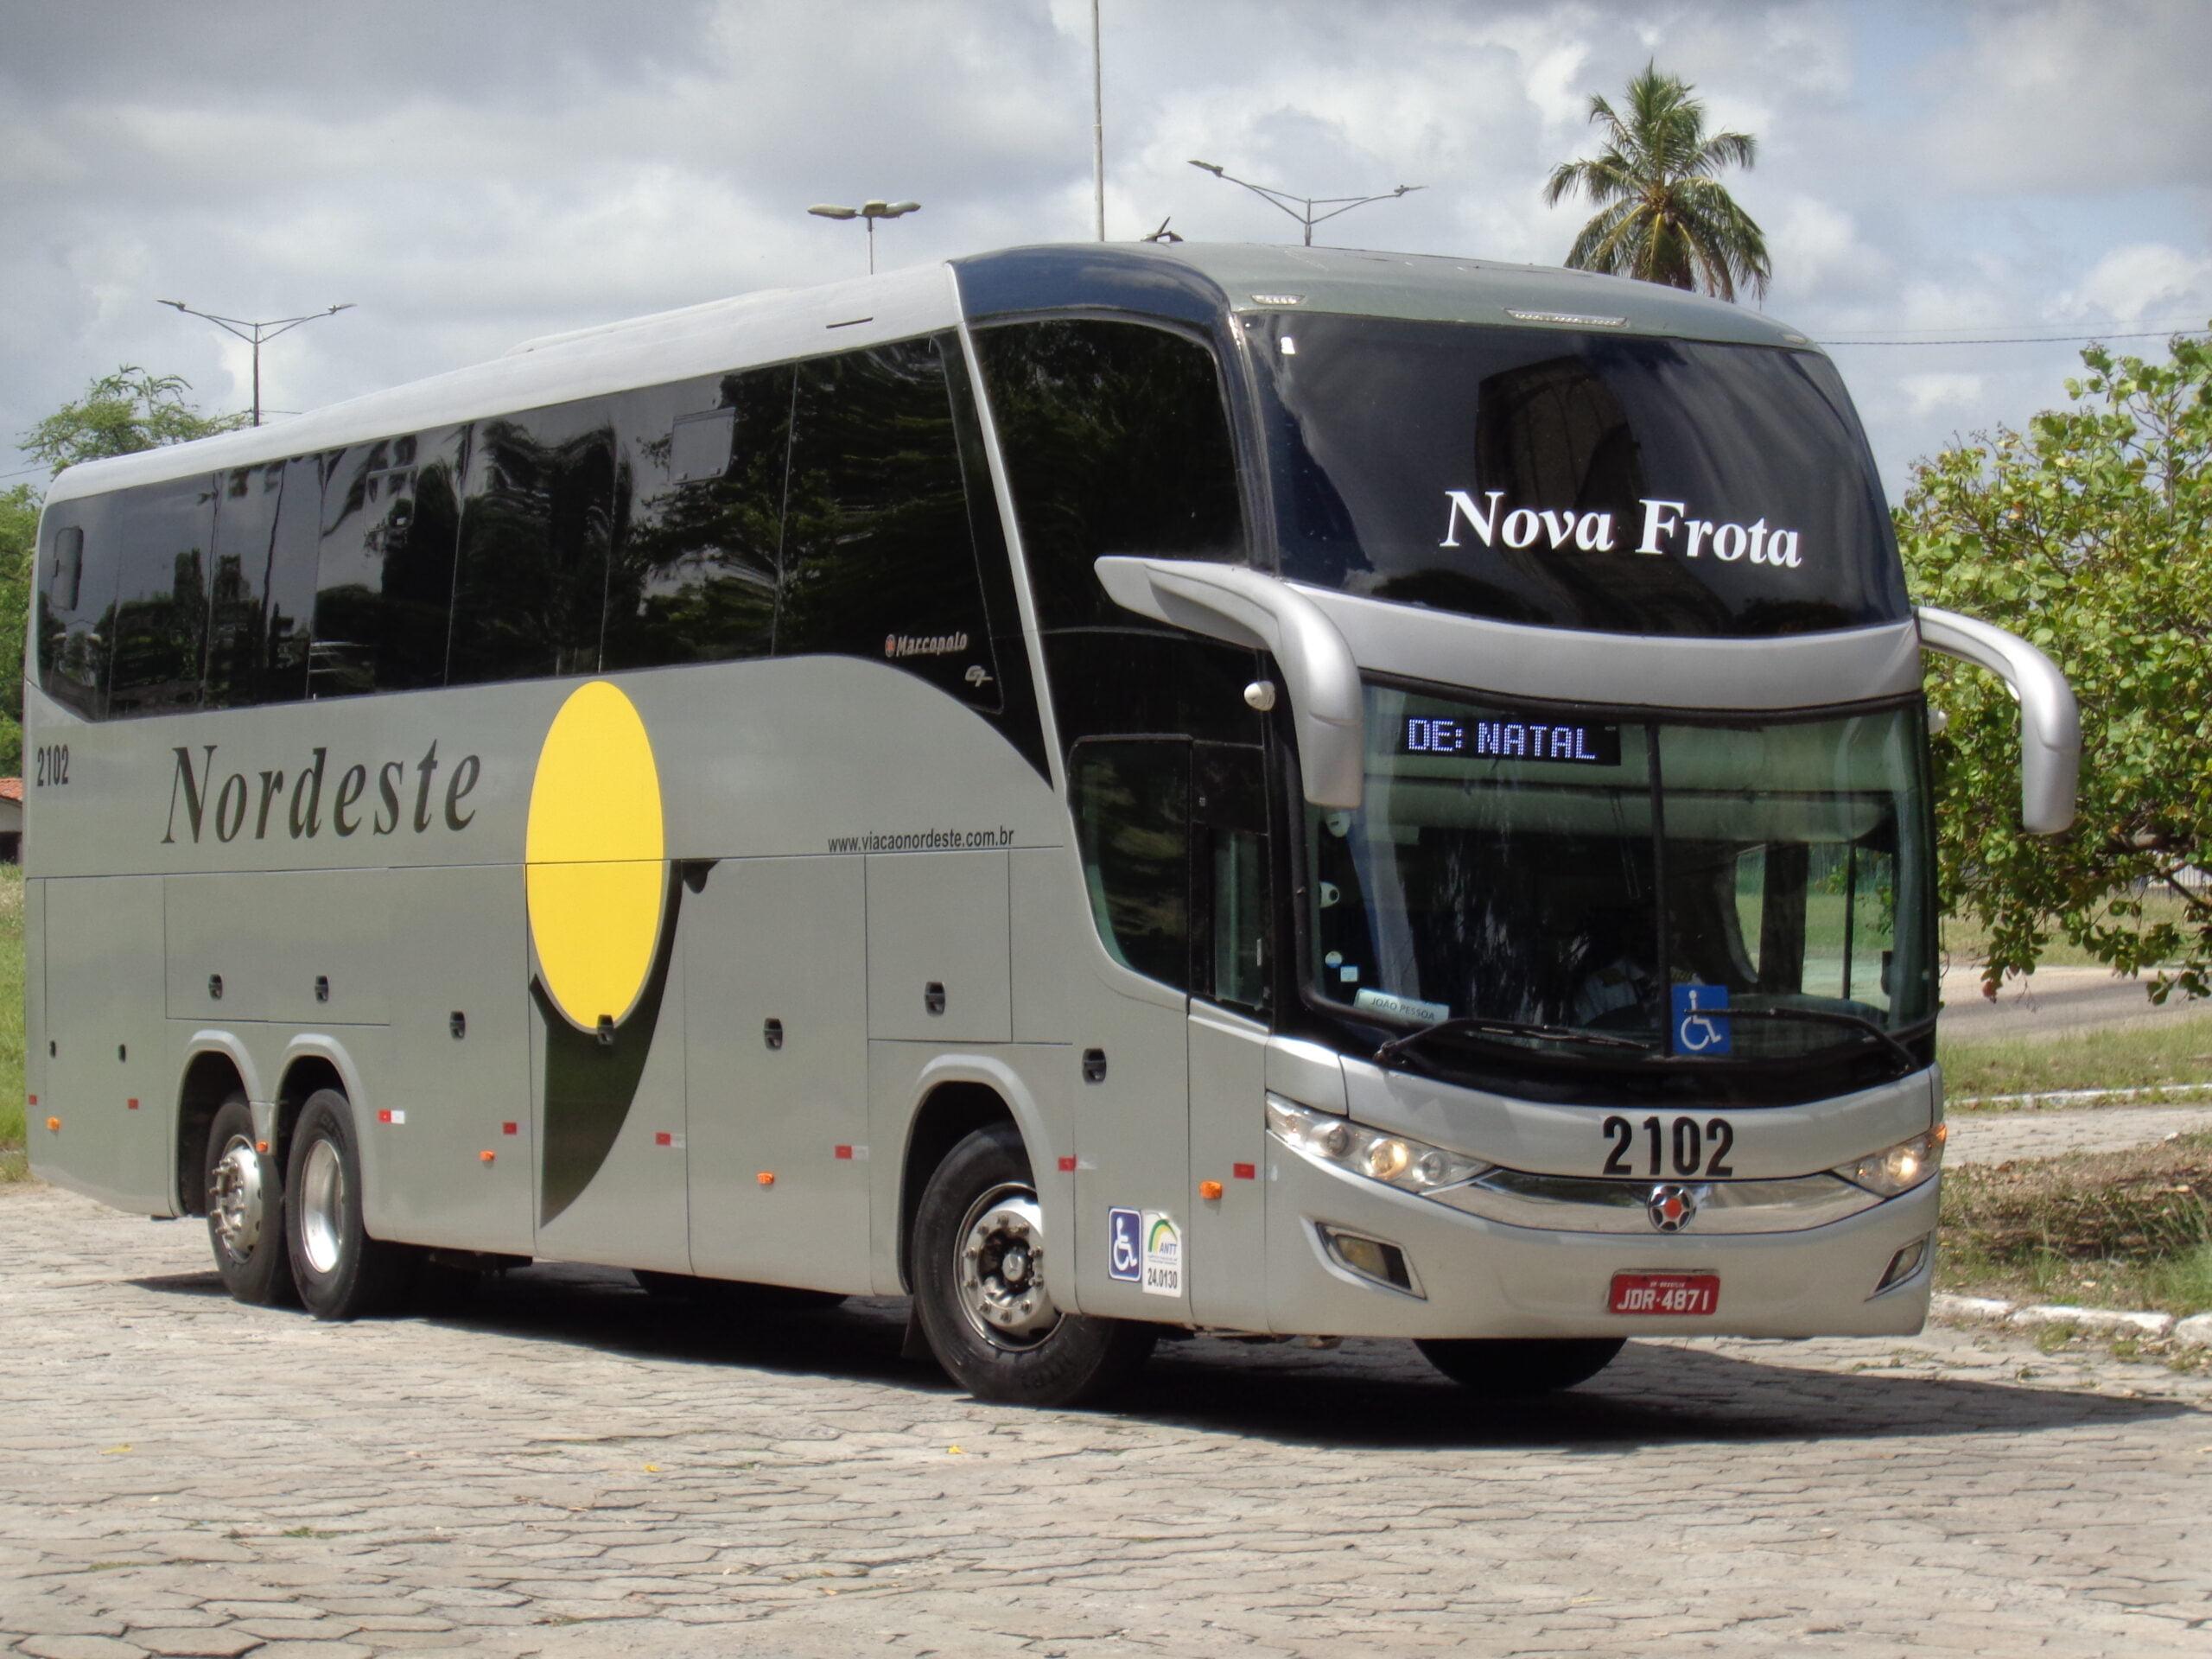 Viação Nordeste anuncia descontos de passagens na black friday